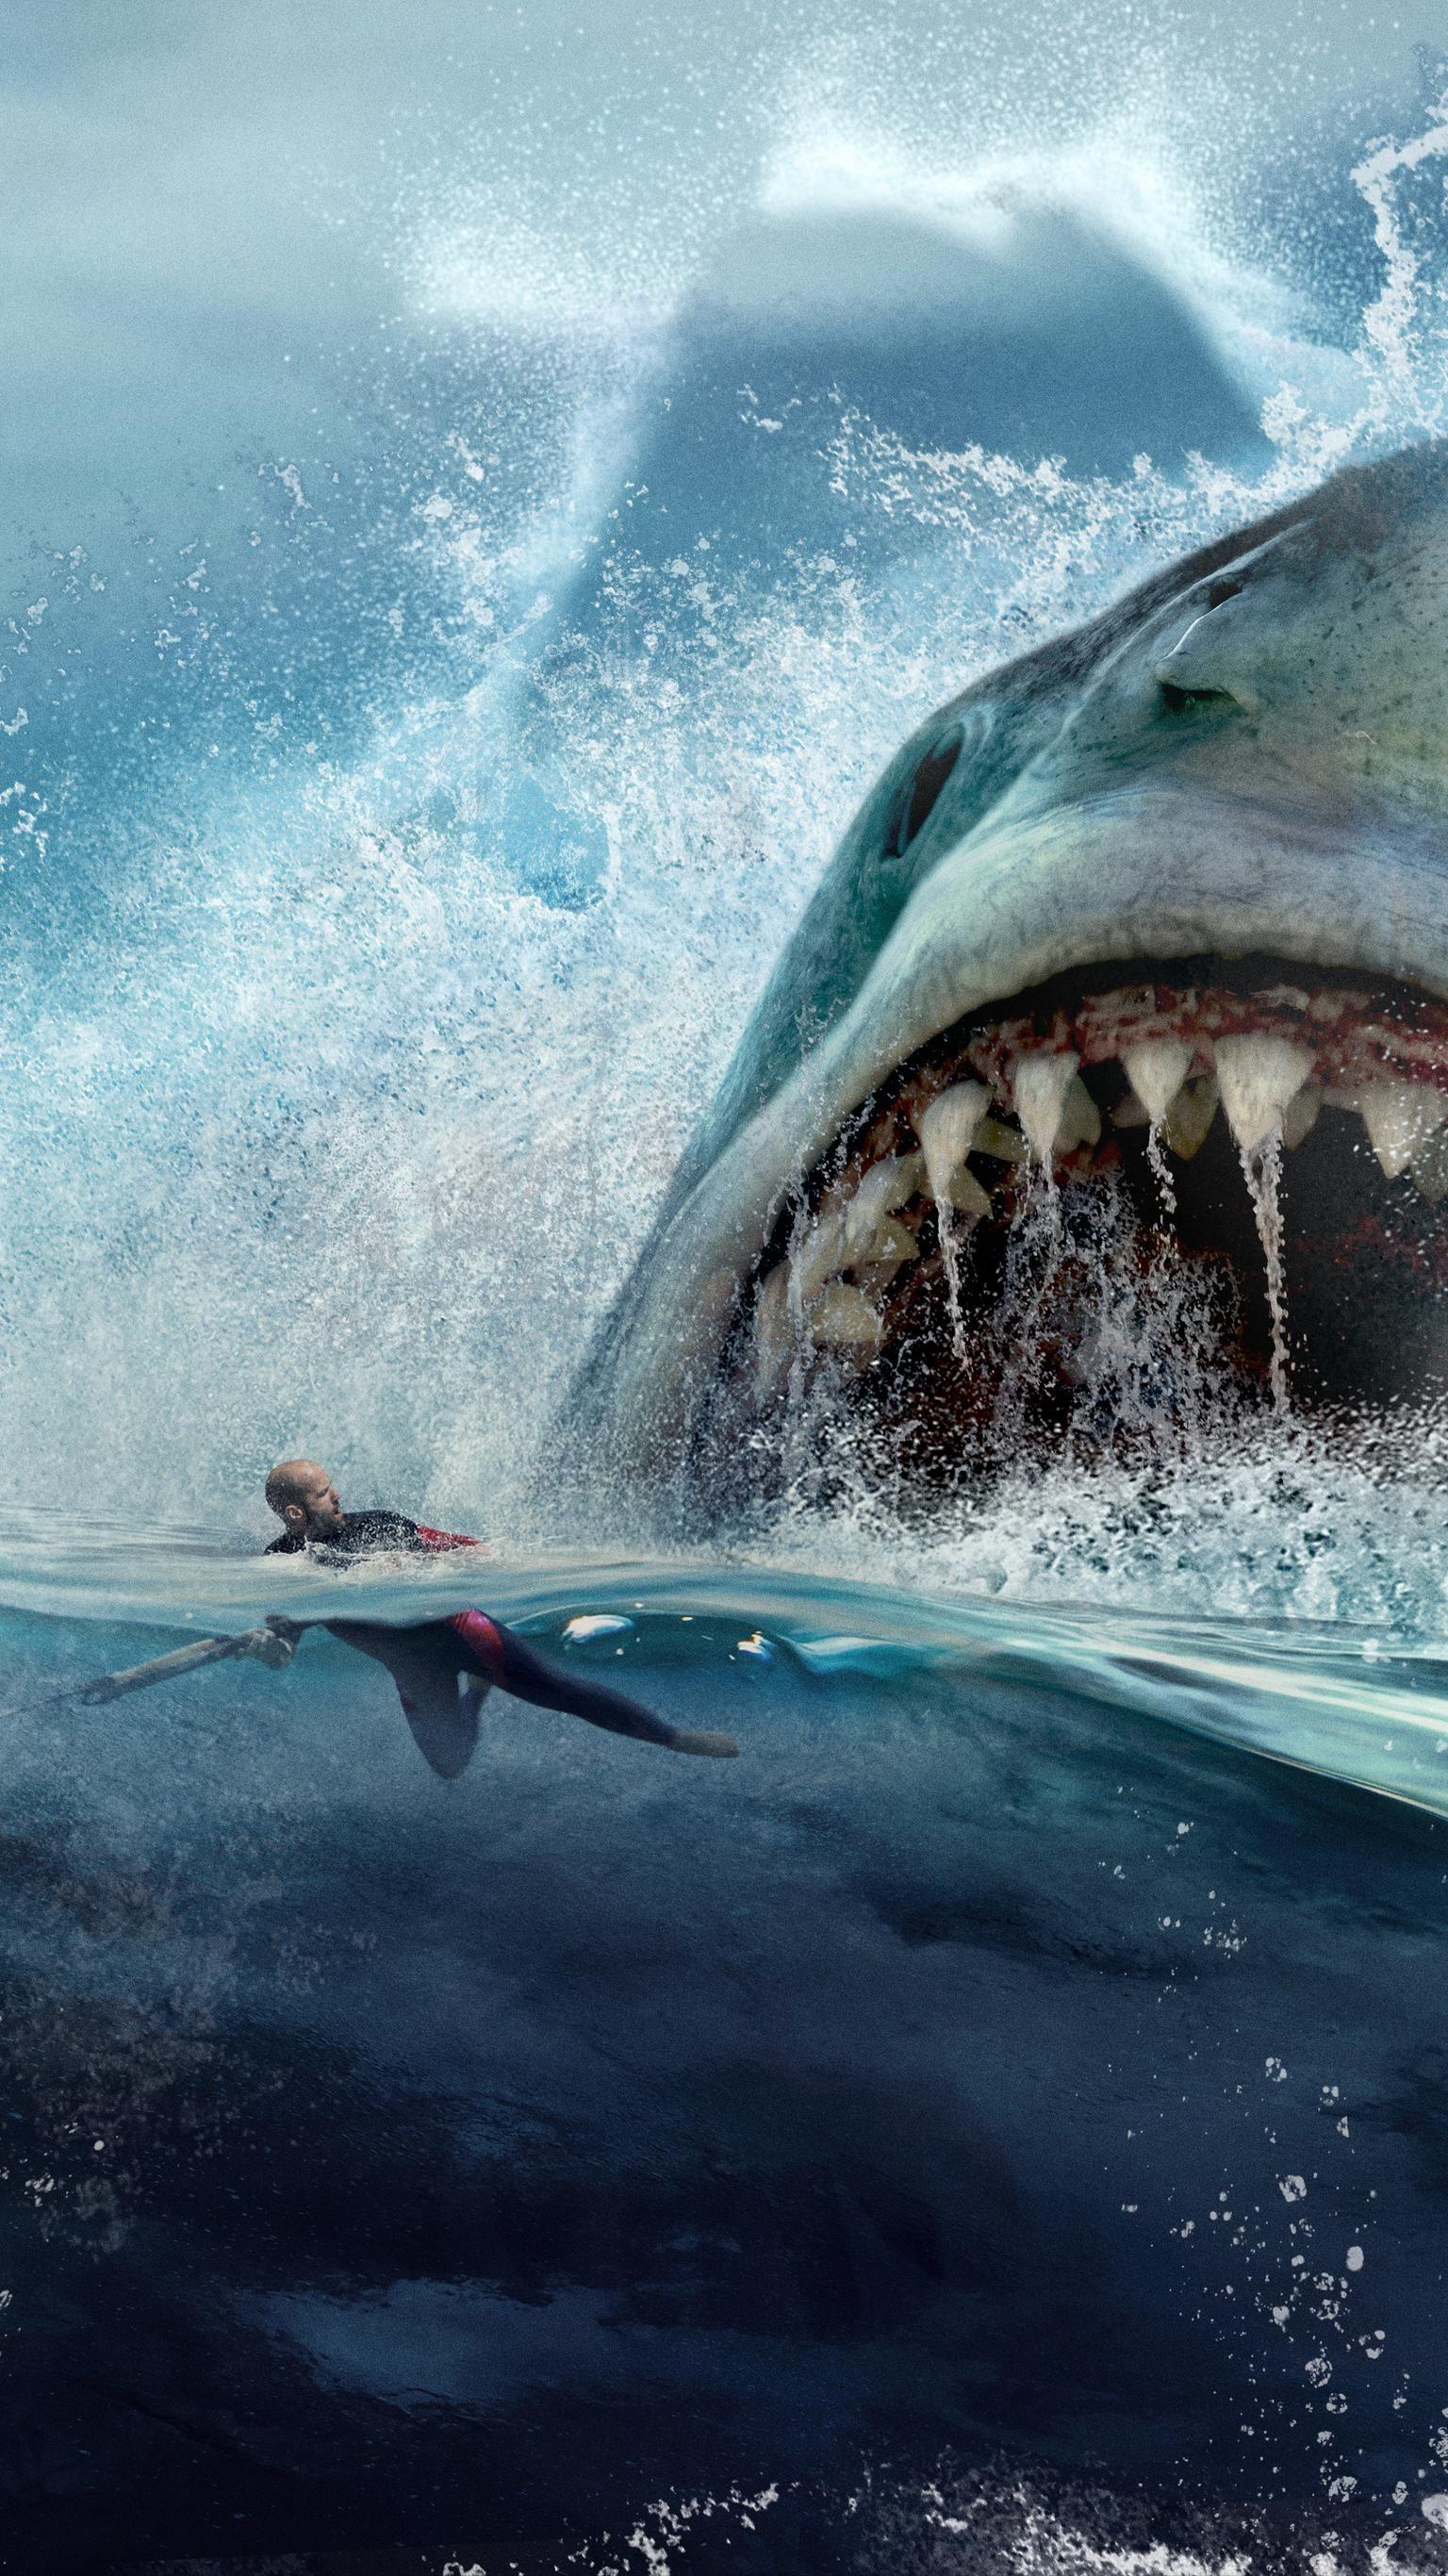 Movie Wallpapers Godzilla Sharks Dinosaurs Dragons Shark